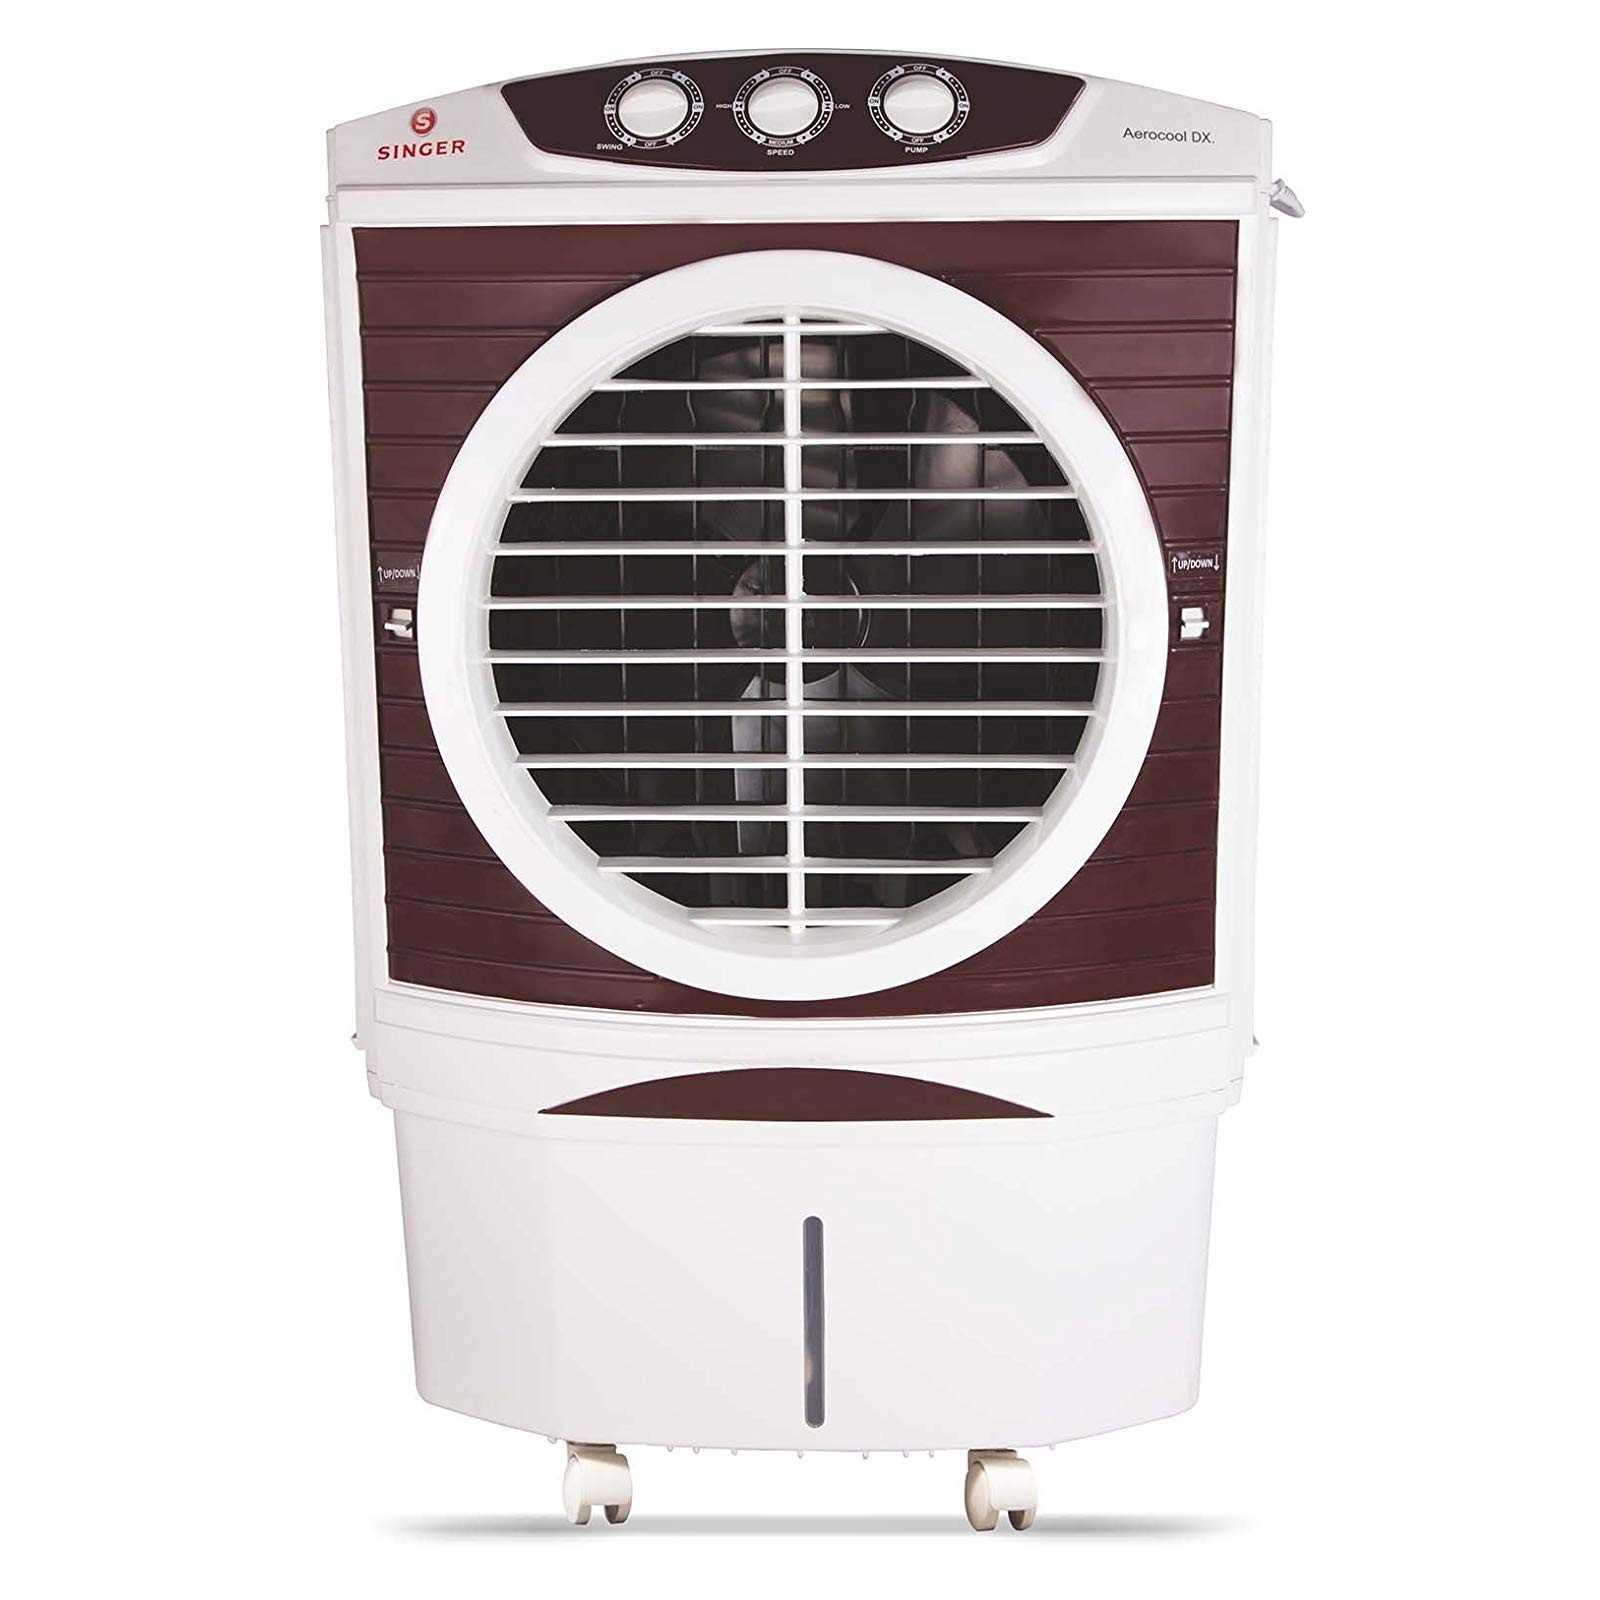 Singer Aerocool DX 50 Litres Desert Air Cooler